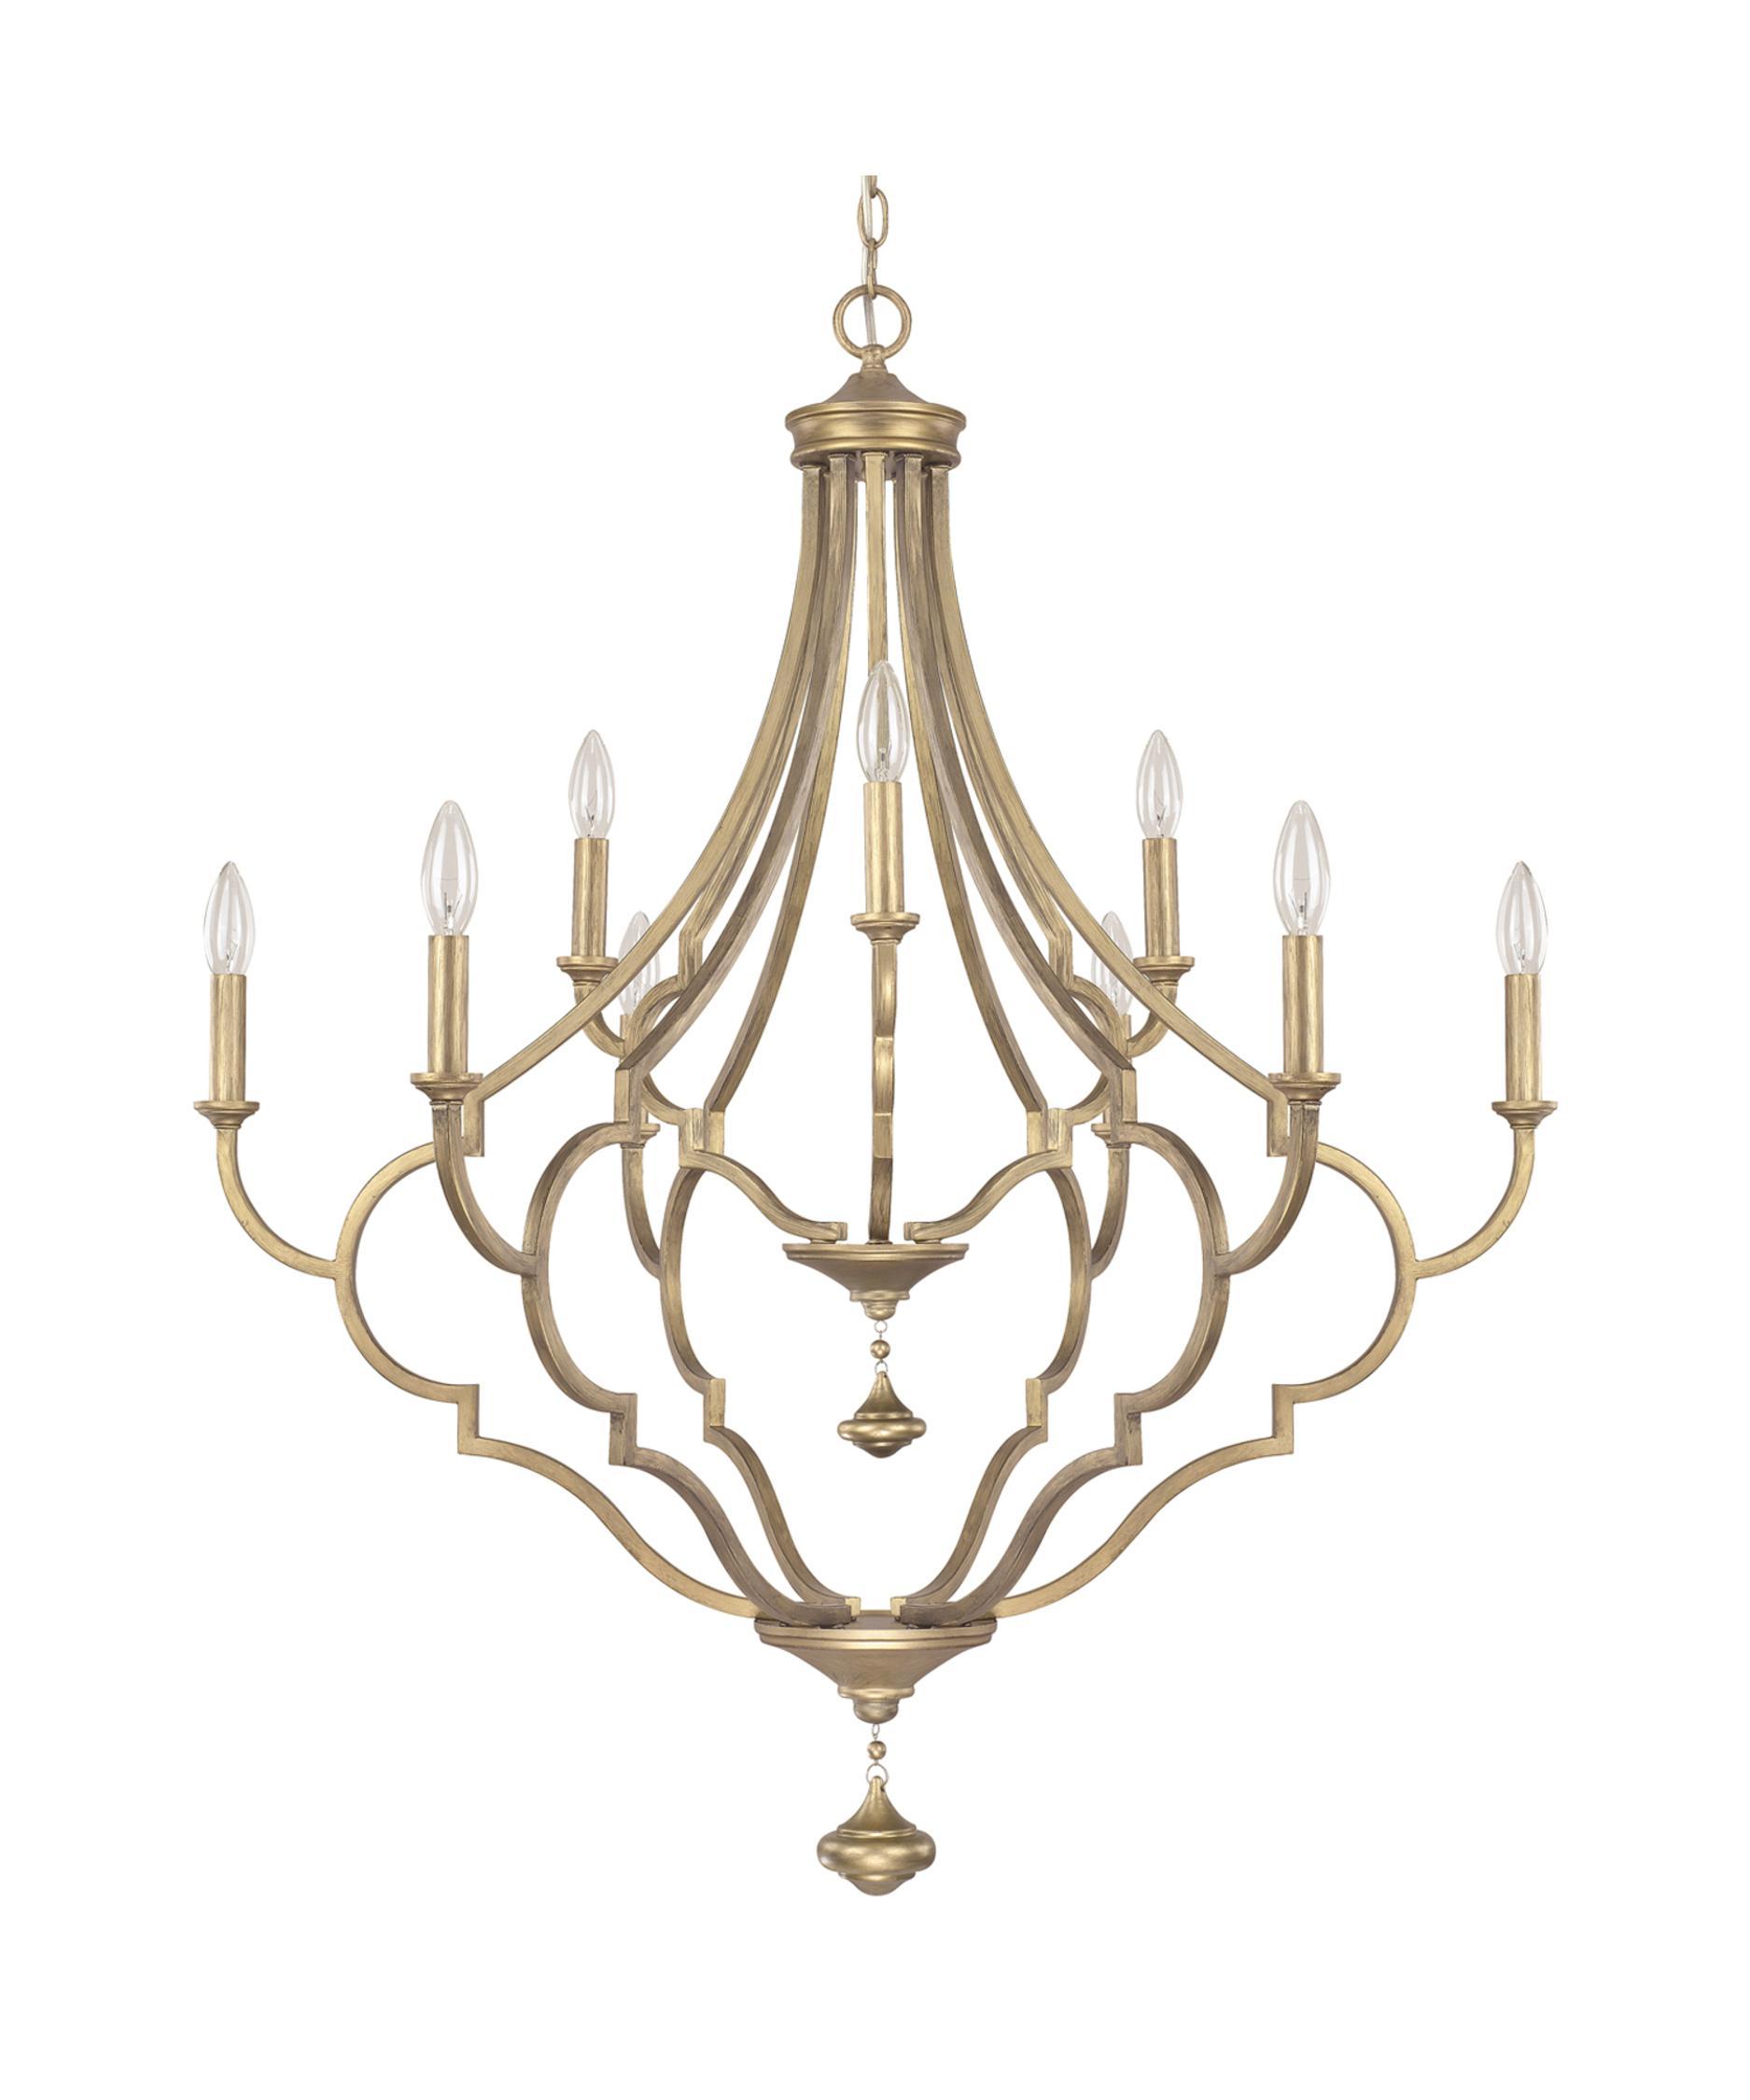 quinn 34 inch wide 9 light chandelier capital lighting soho